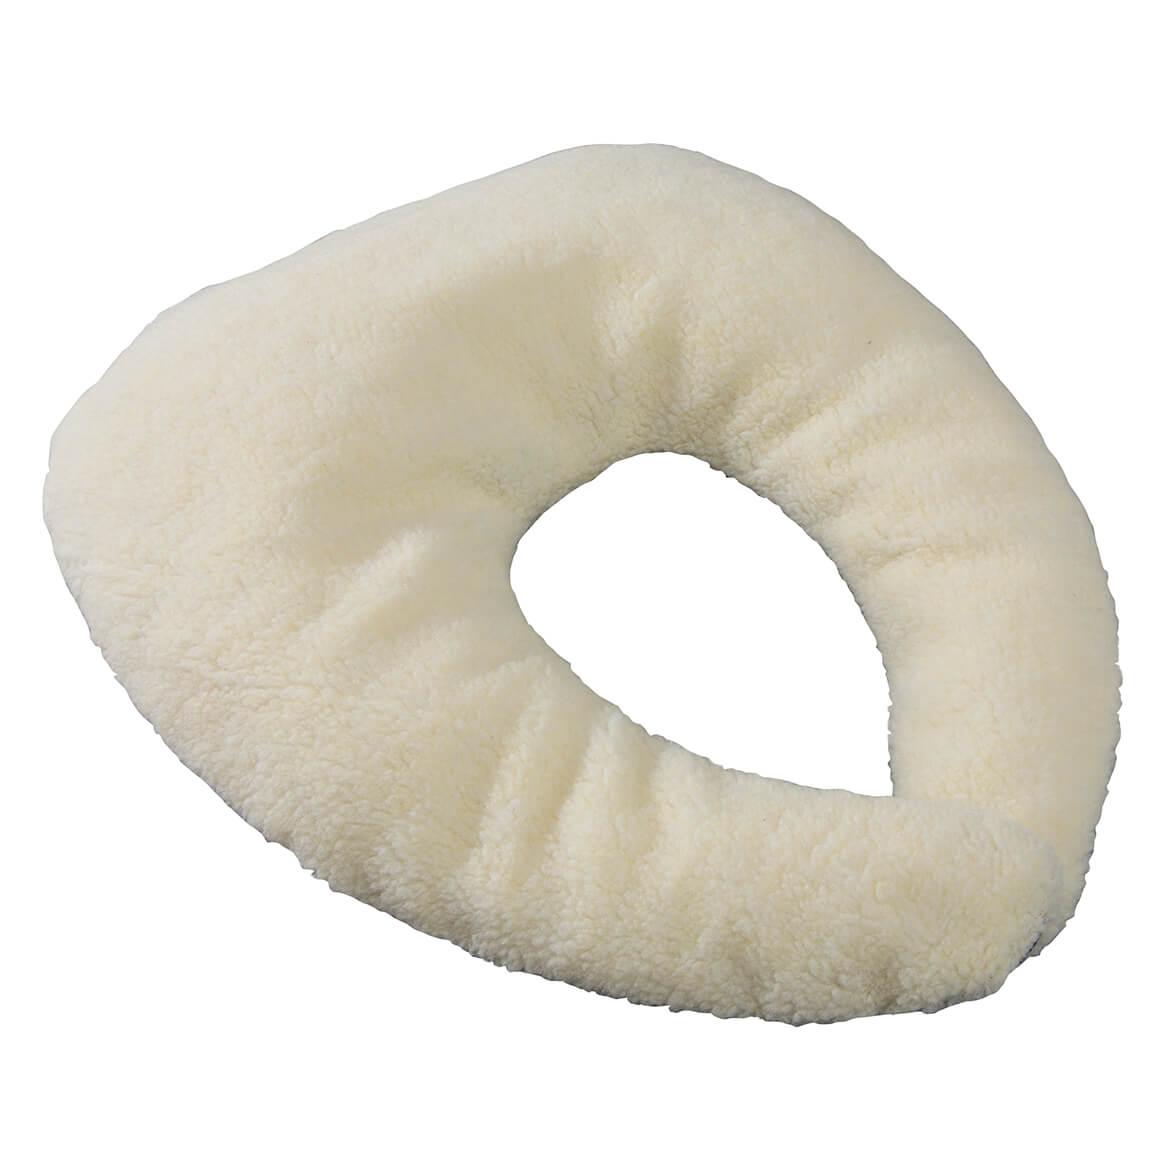 Sherpa C-Shaped Pillow-356549